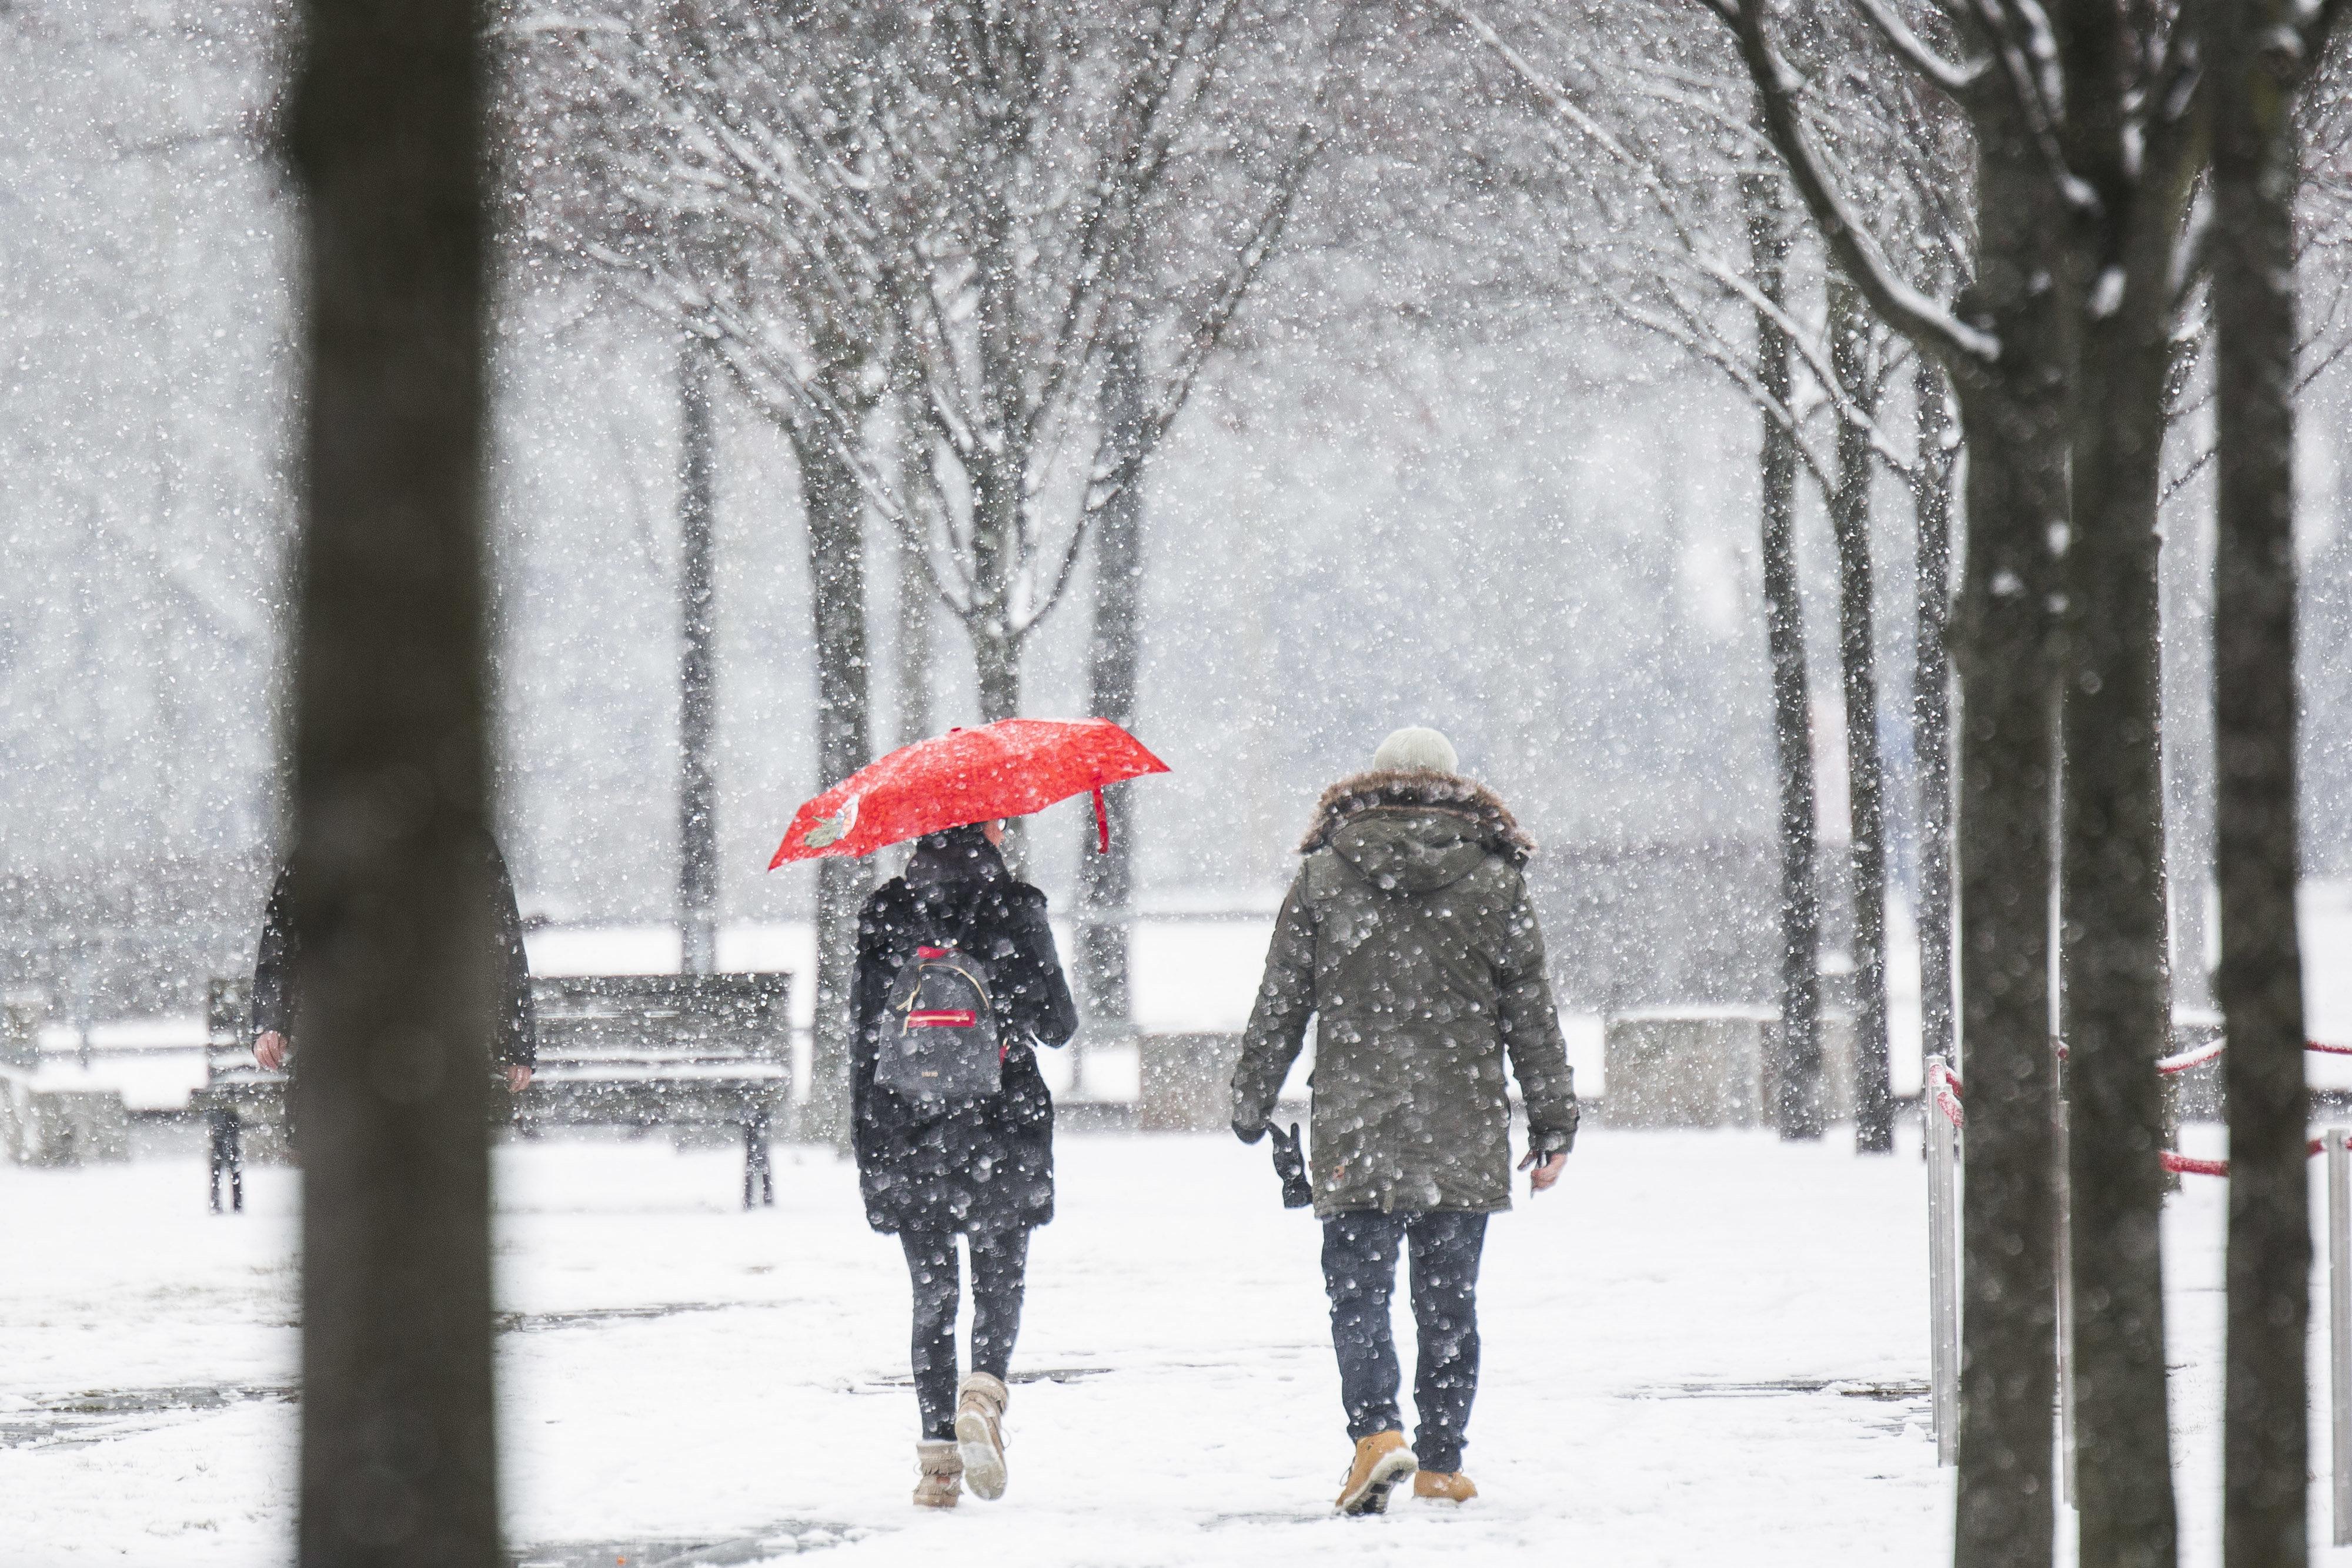 Chaos-Wetter: Hier erwartet uns über einen Meter Neuschnee und